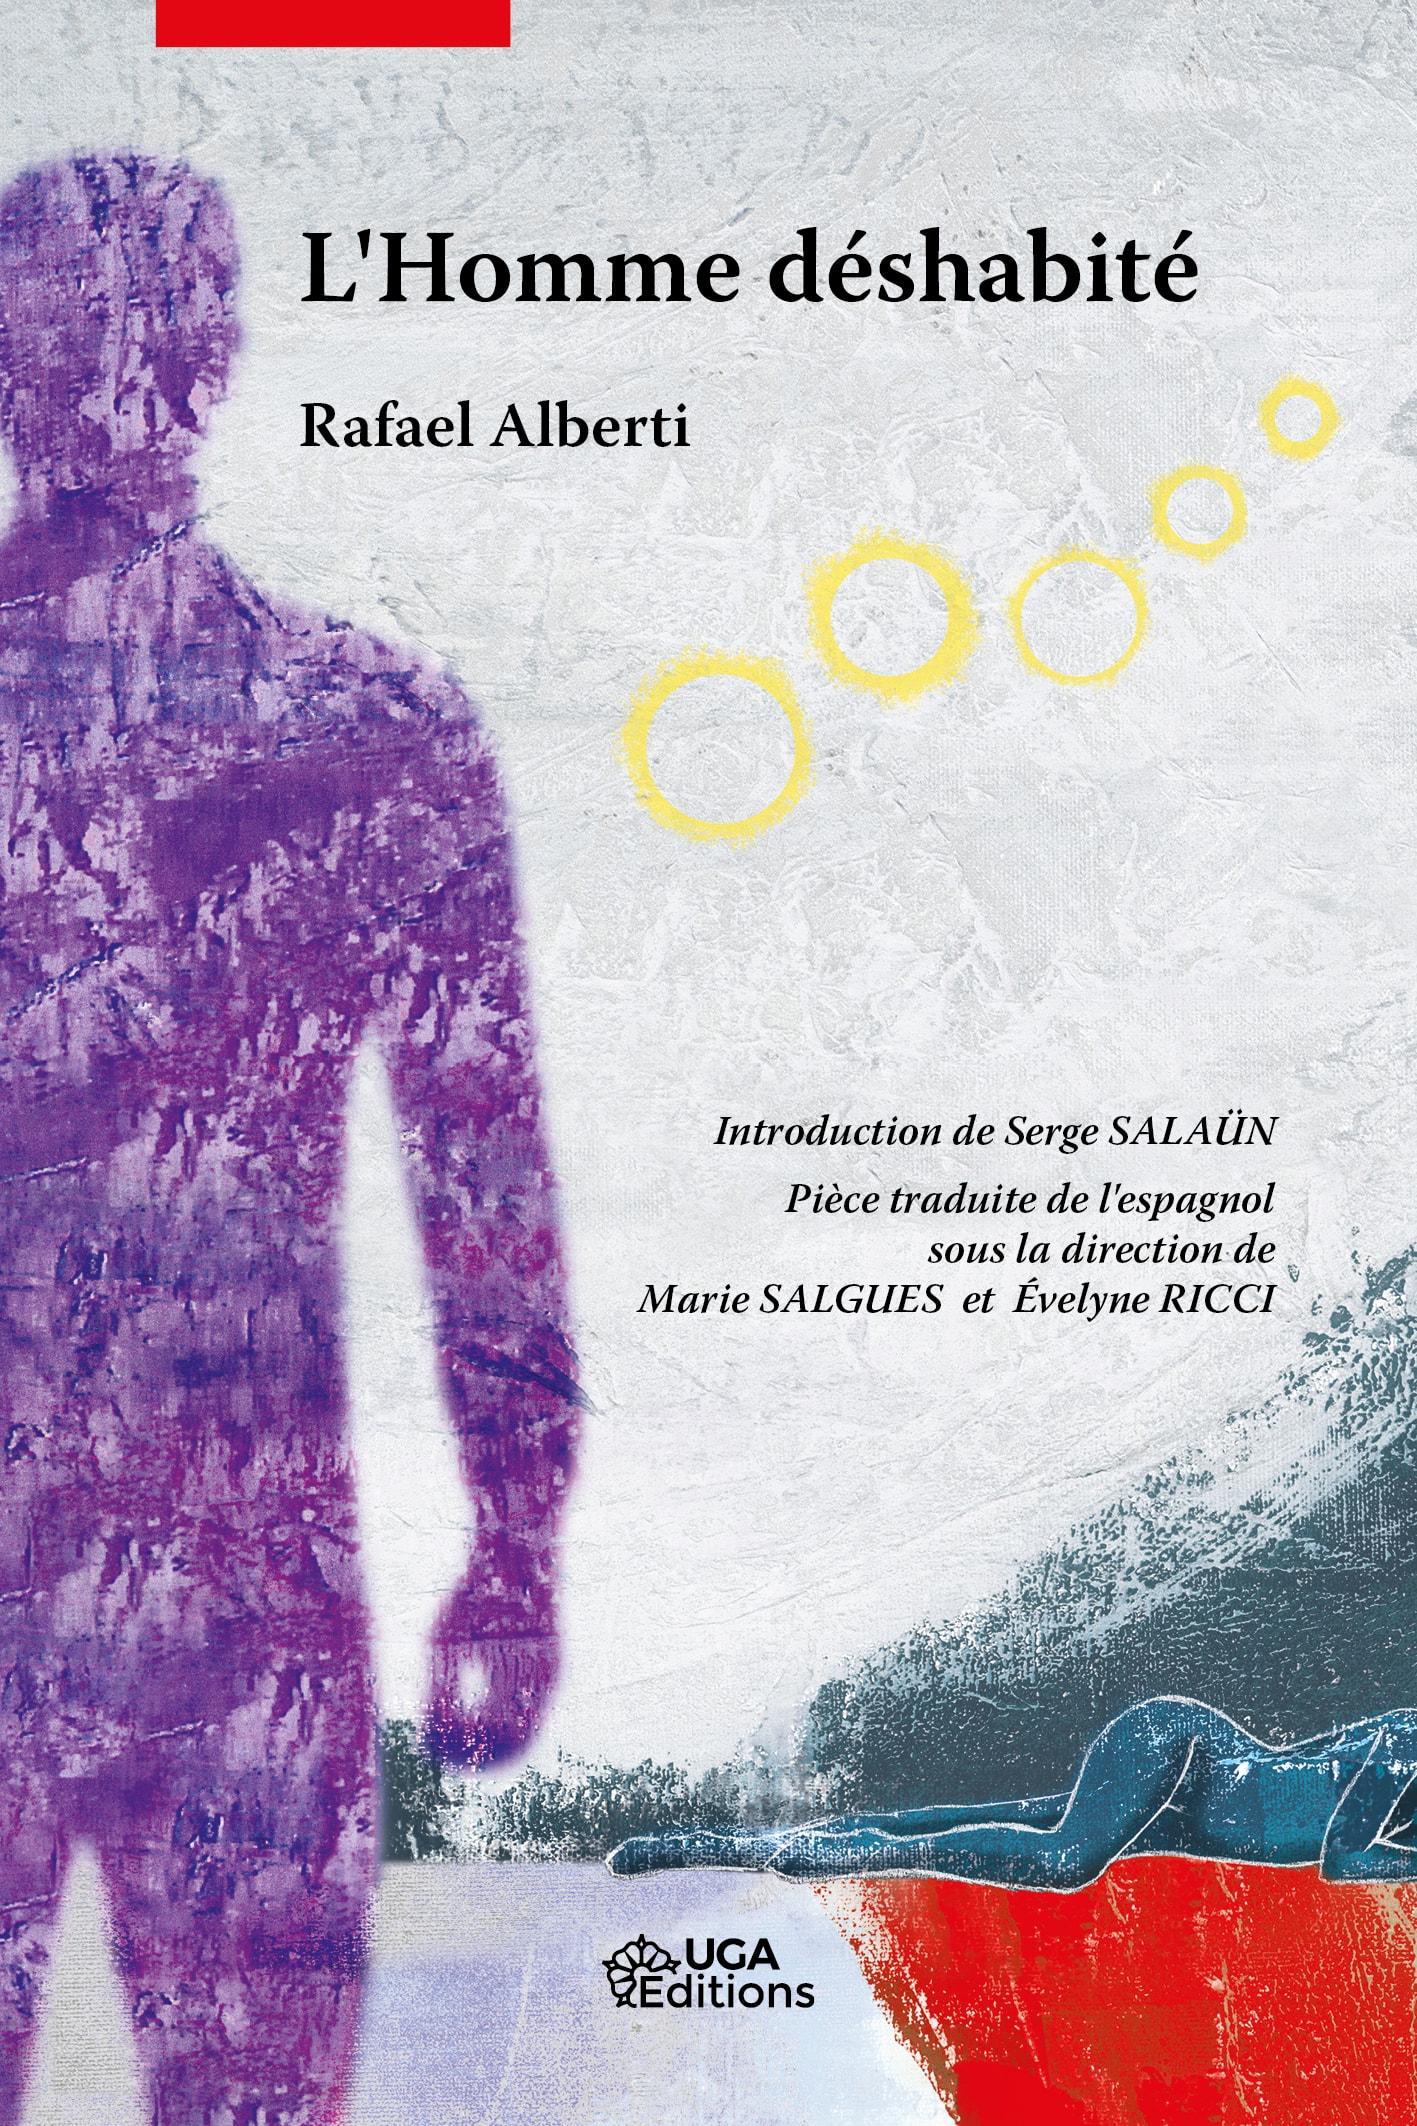 R. Alberti, L'Homme déshabité